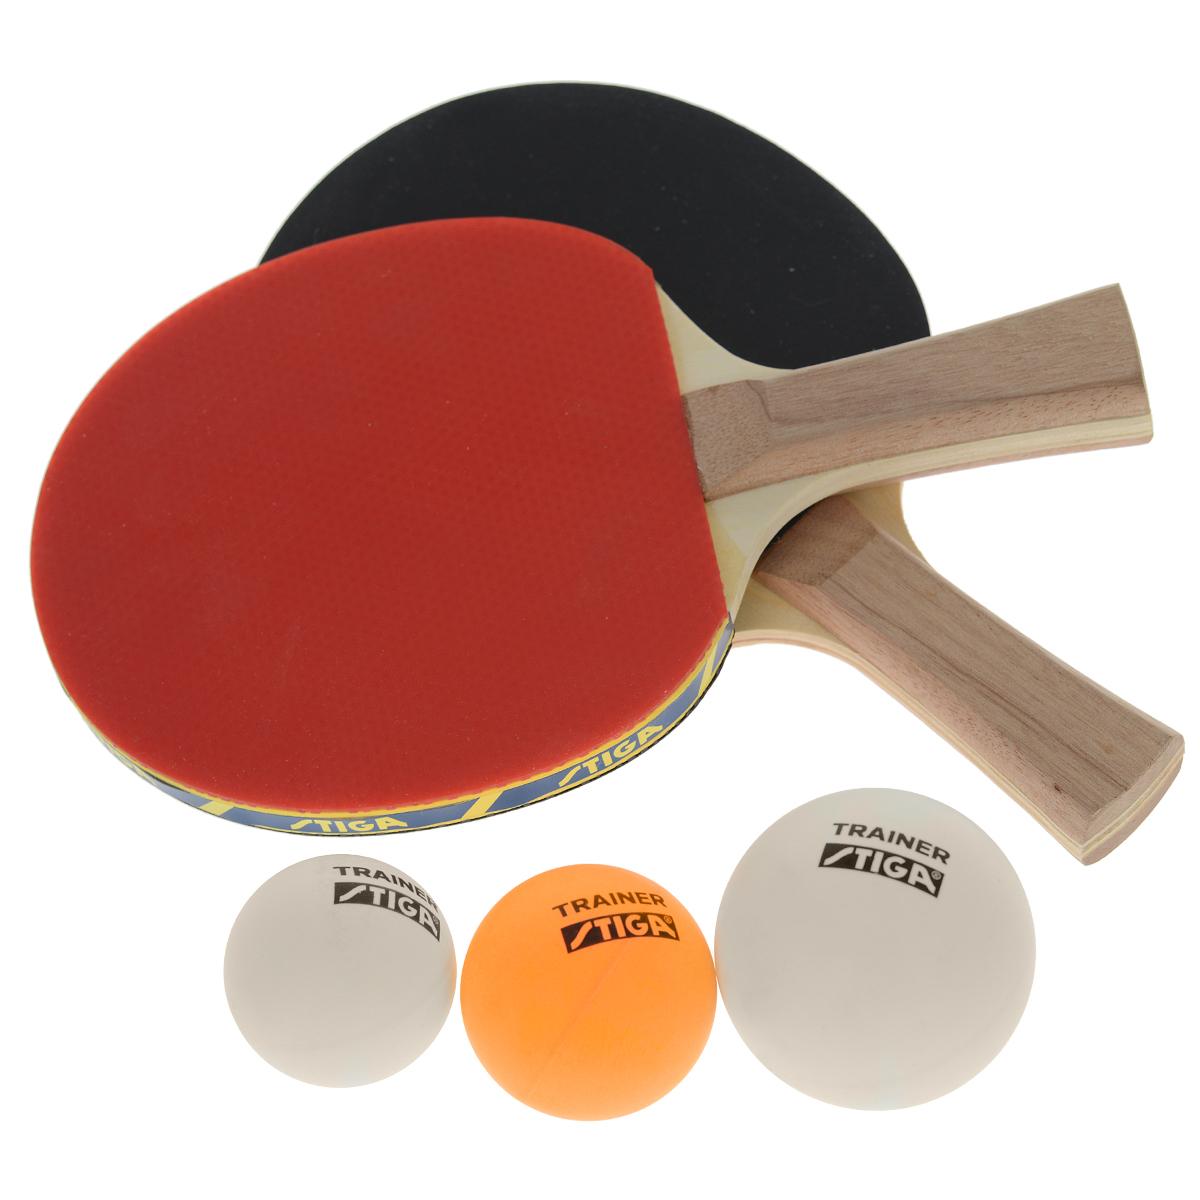 Выбирая для своего ребенка детский настольный теннис в качестве развивающего вида спорта, вы принимаете удачное решение. Особенно сильно на успешность тренировок в первое время будет влиять правильность подобранной ракетки. Приобретая набор Technique, включающий в себя 2 ракетки и 3 мяча, вы не только даете ребенку возможность играть в теннис со своими друзьями, но и подбираете в первую очередь идеально сбалансированное для детской руки изделие.